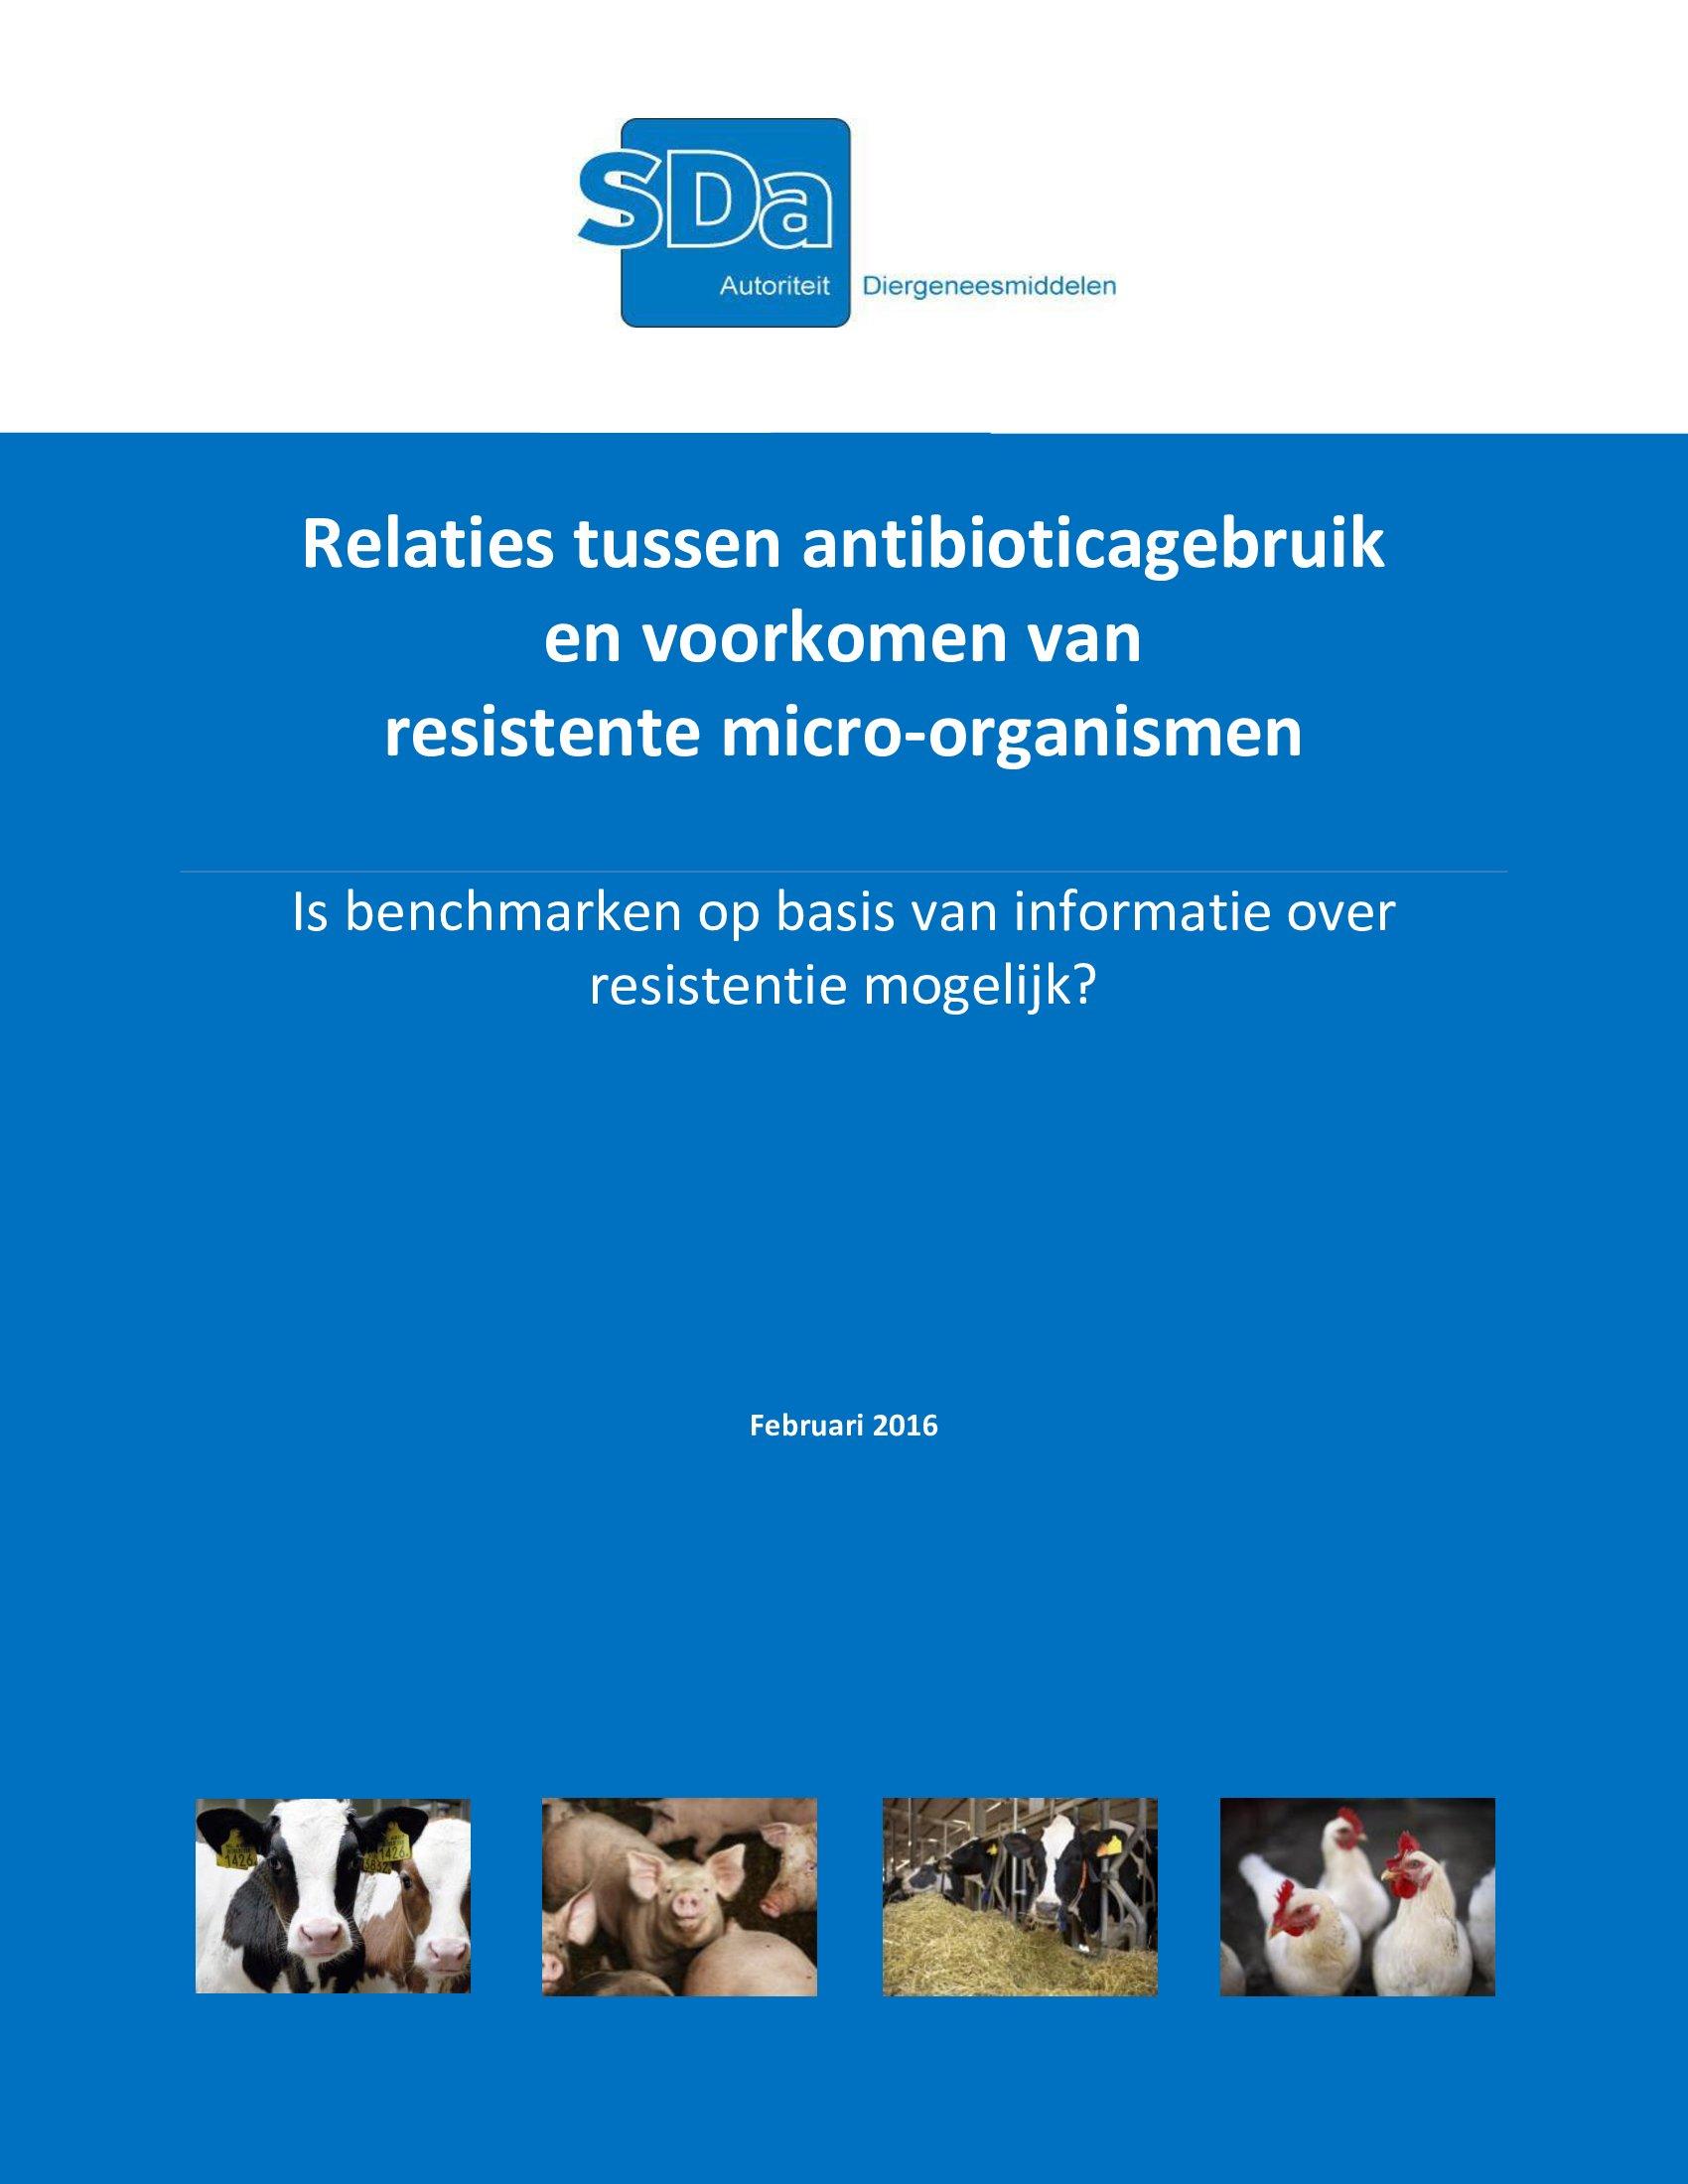 SDa-rapport 'Relaties antibioticumgebruik en...